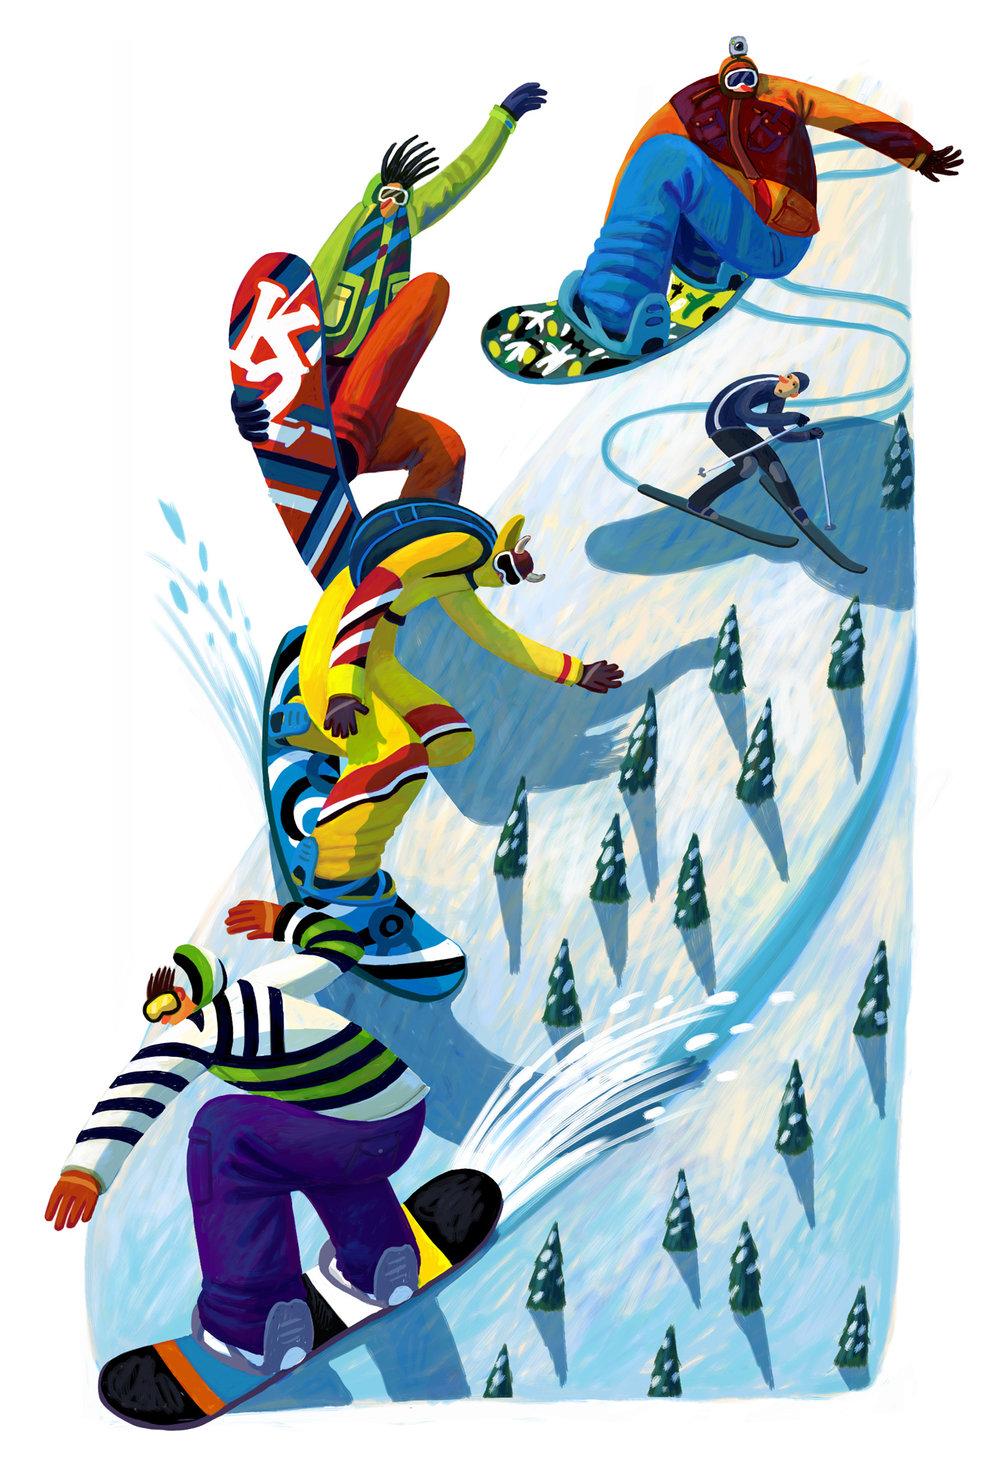 Snowboarders vs skier